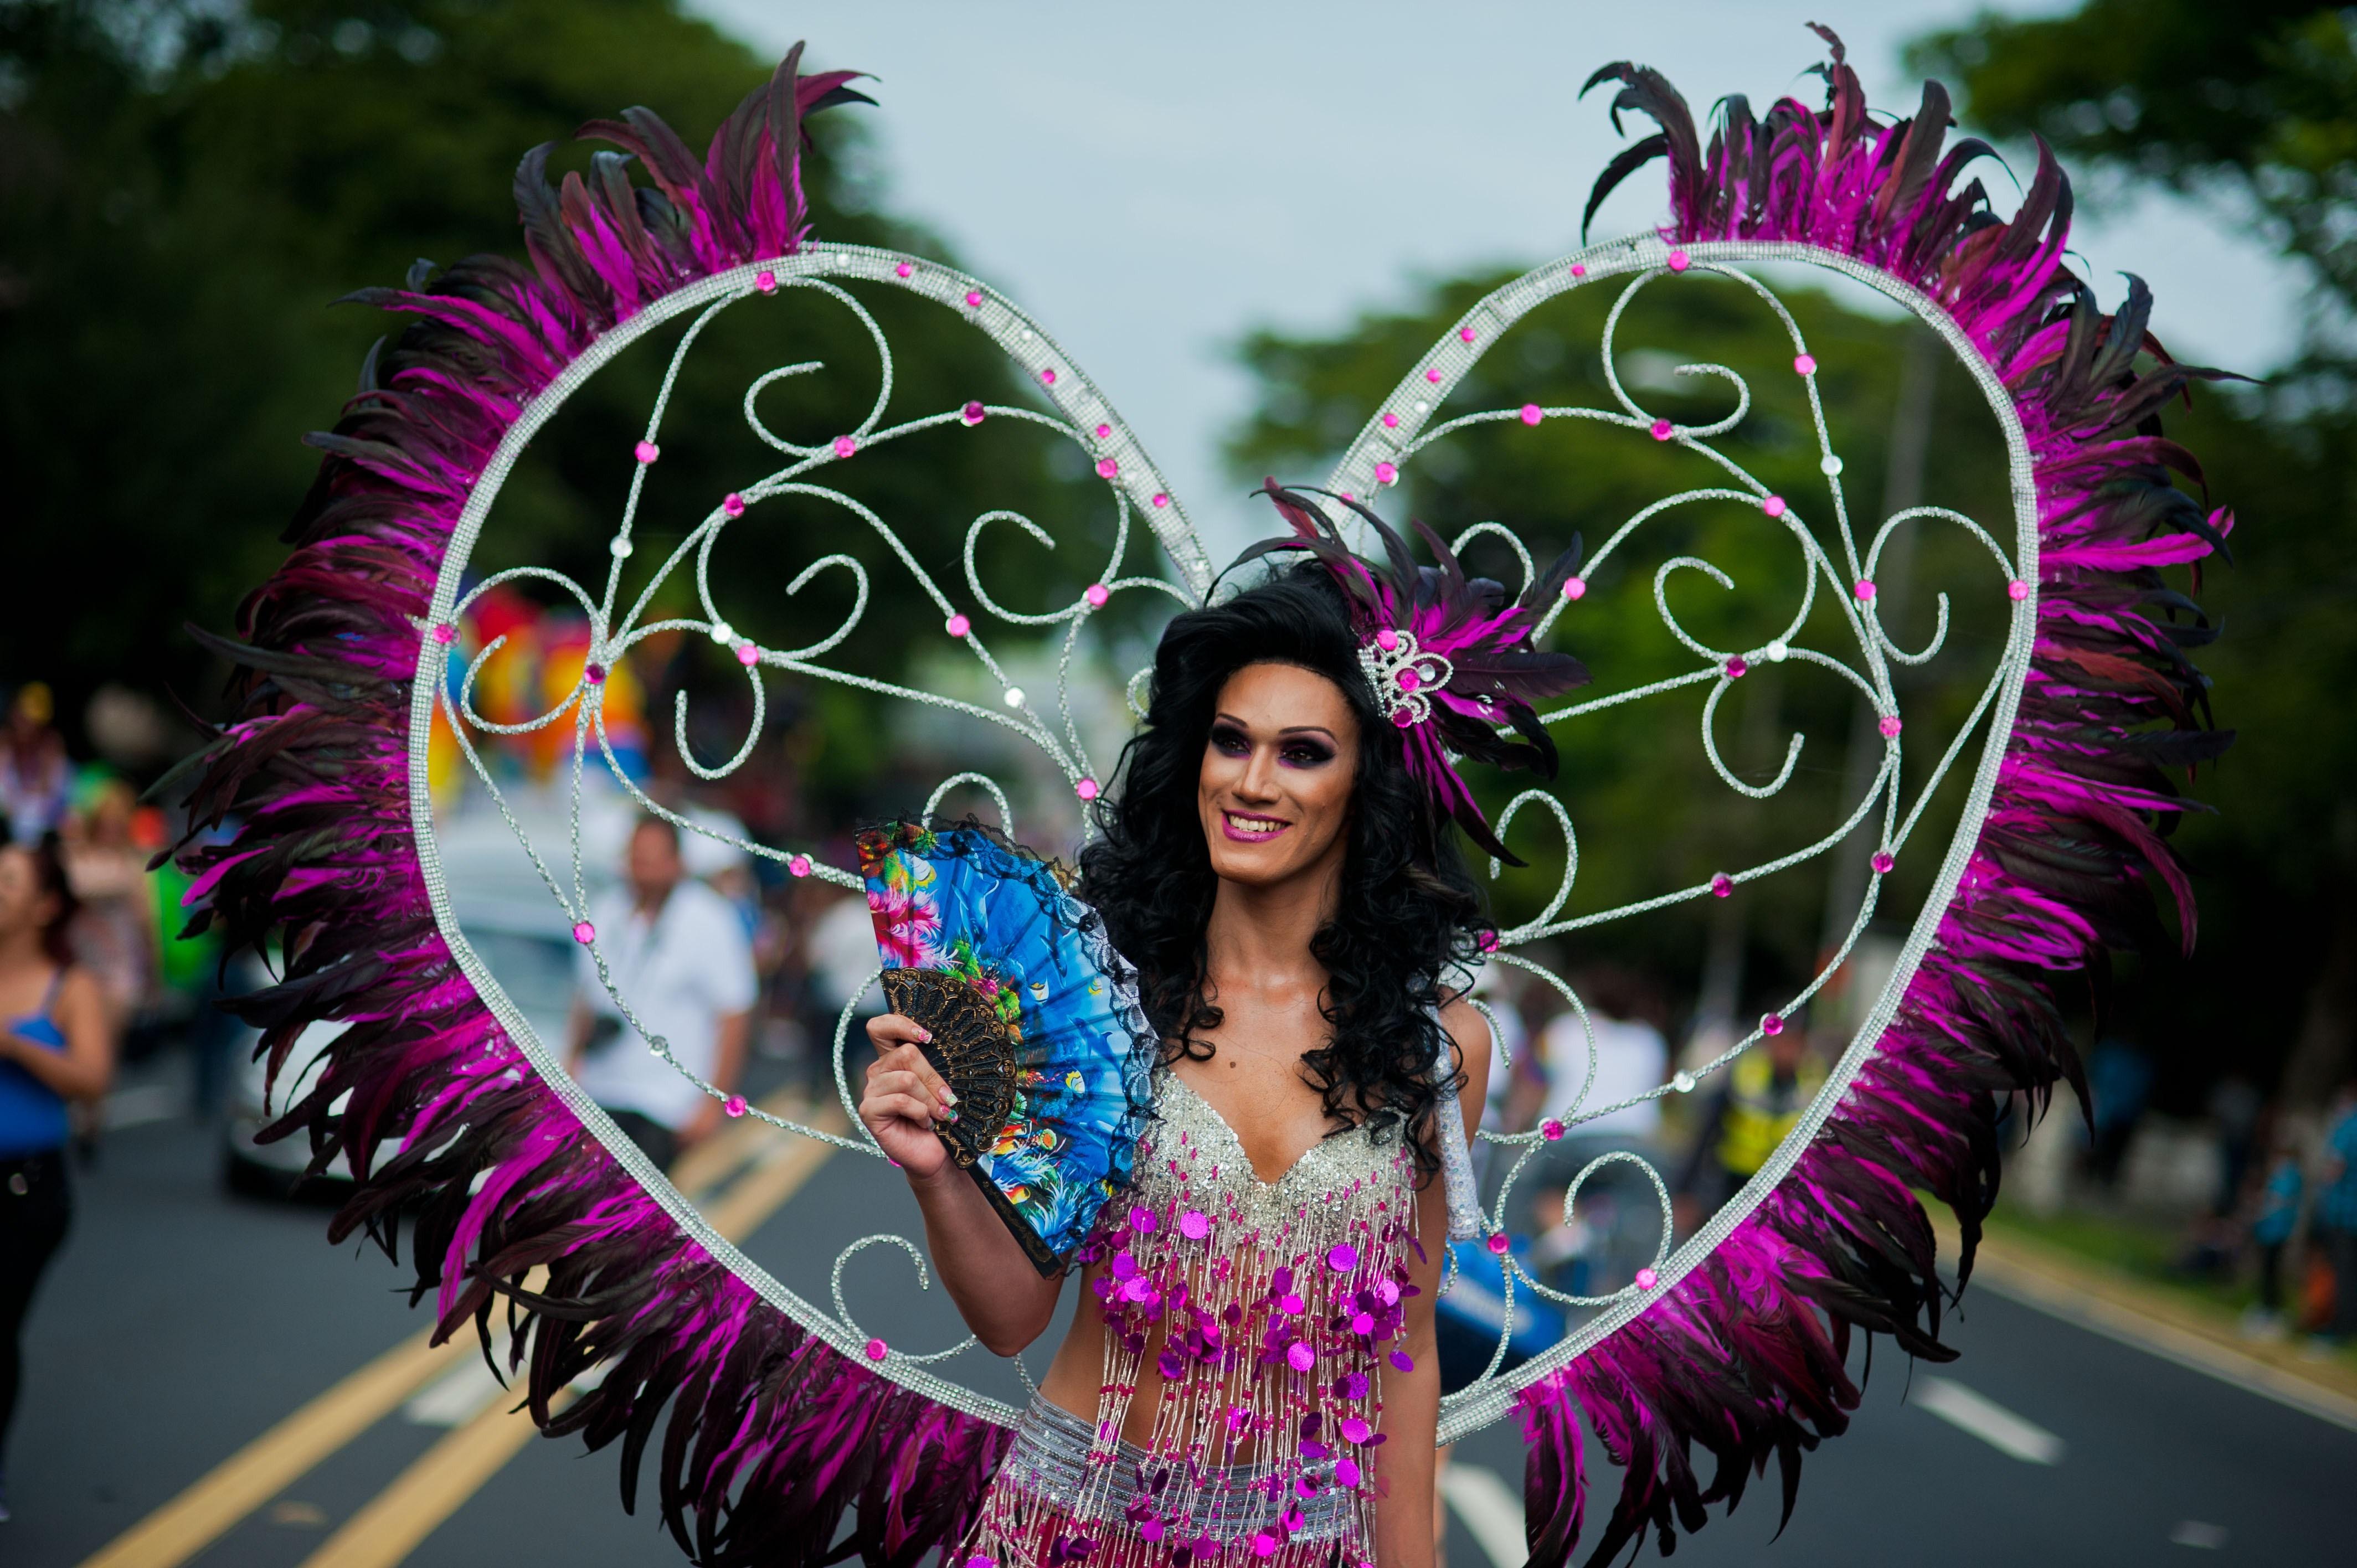 A person participates in the Gay Pride Parade in San Salvador, El Salvador, on June 28, 2014.